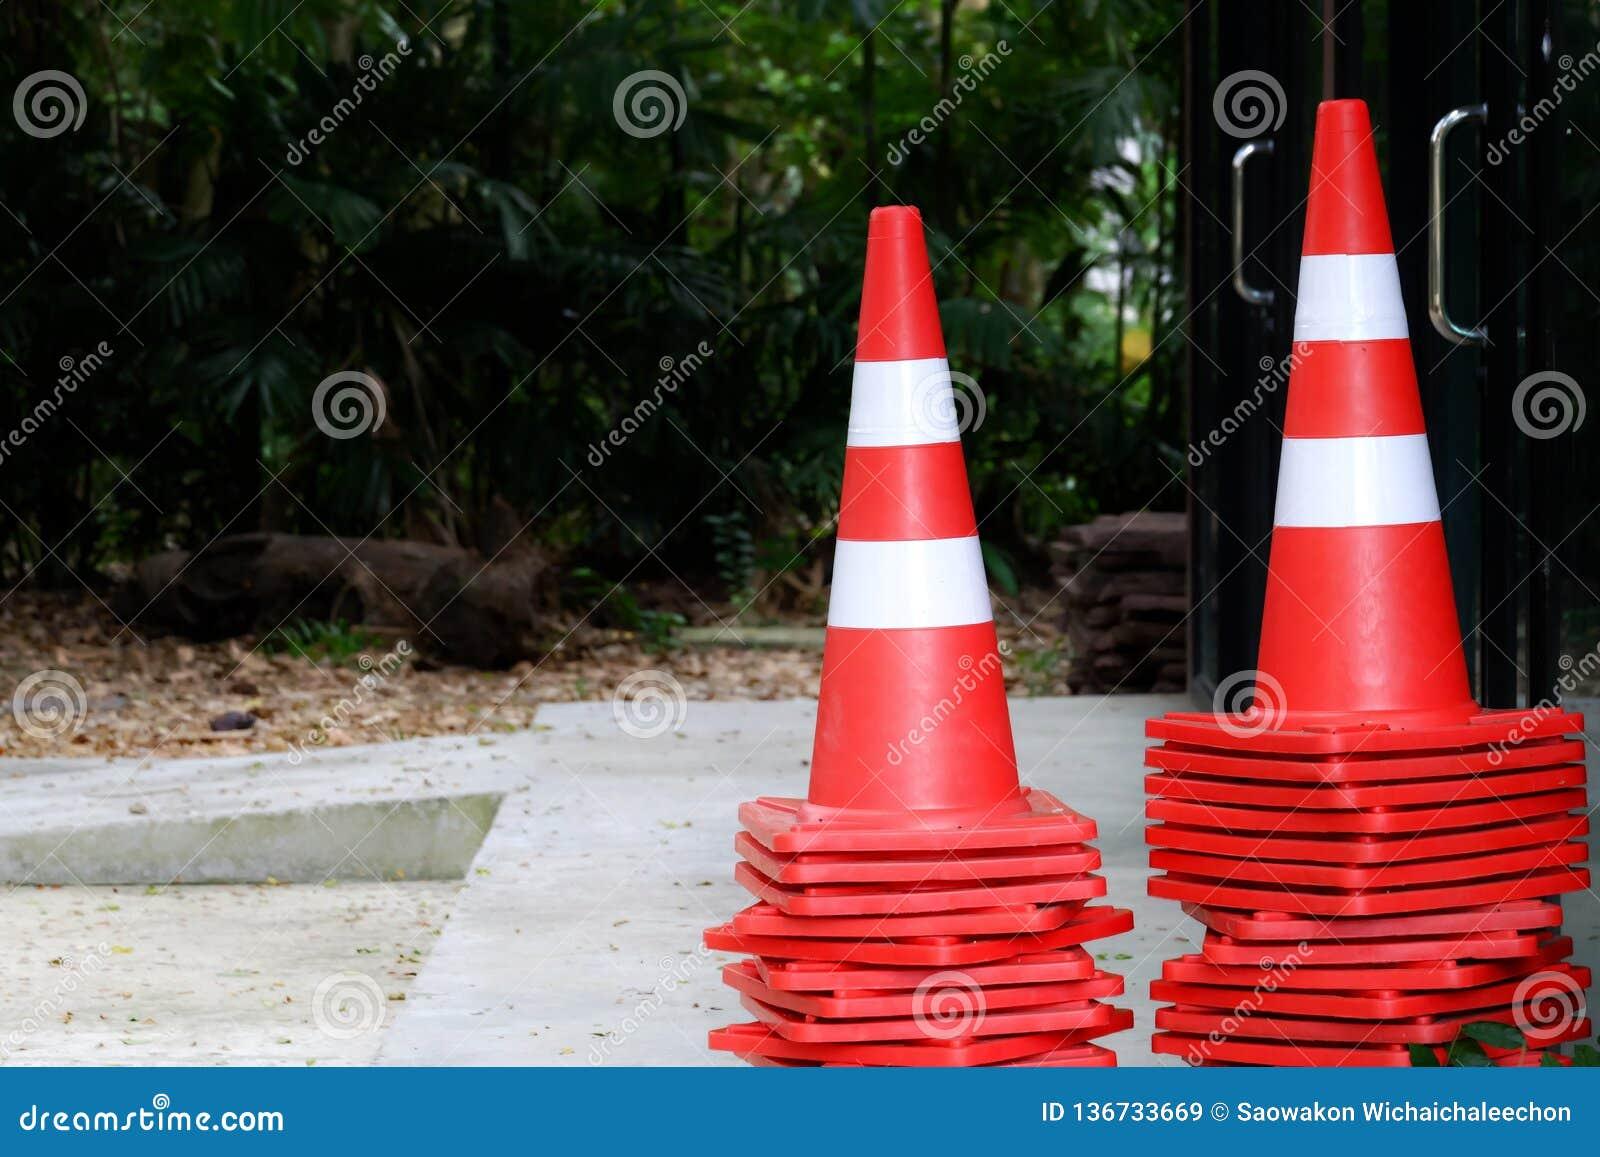 Molti coni di traffico sul pavimento del cemento davanti alla costruzione